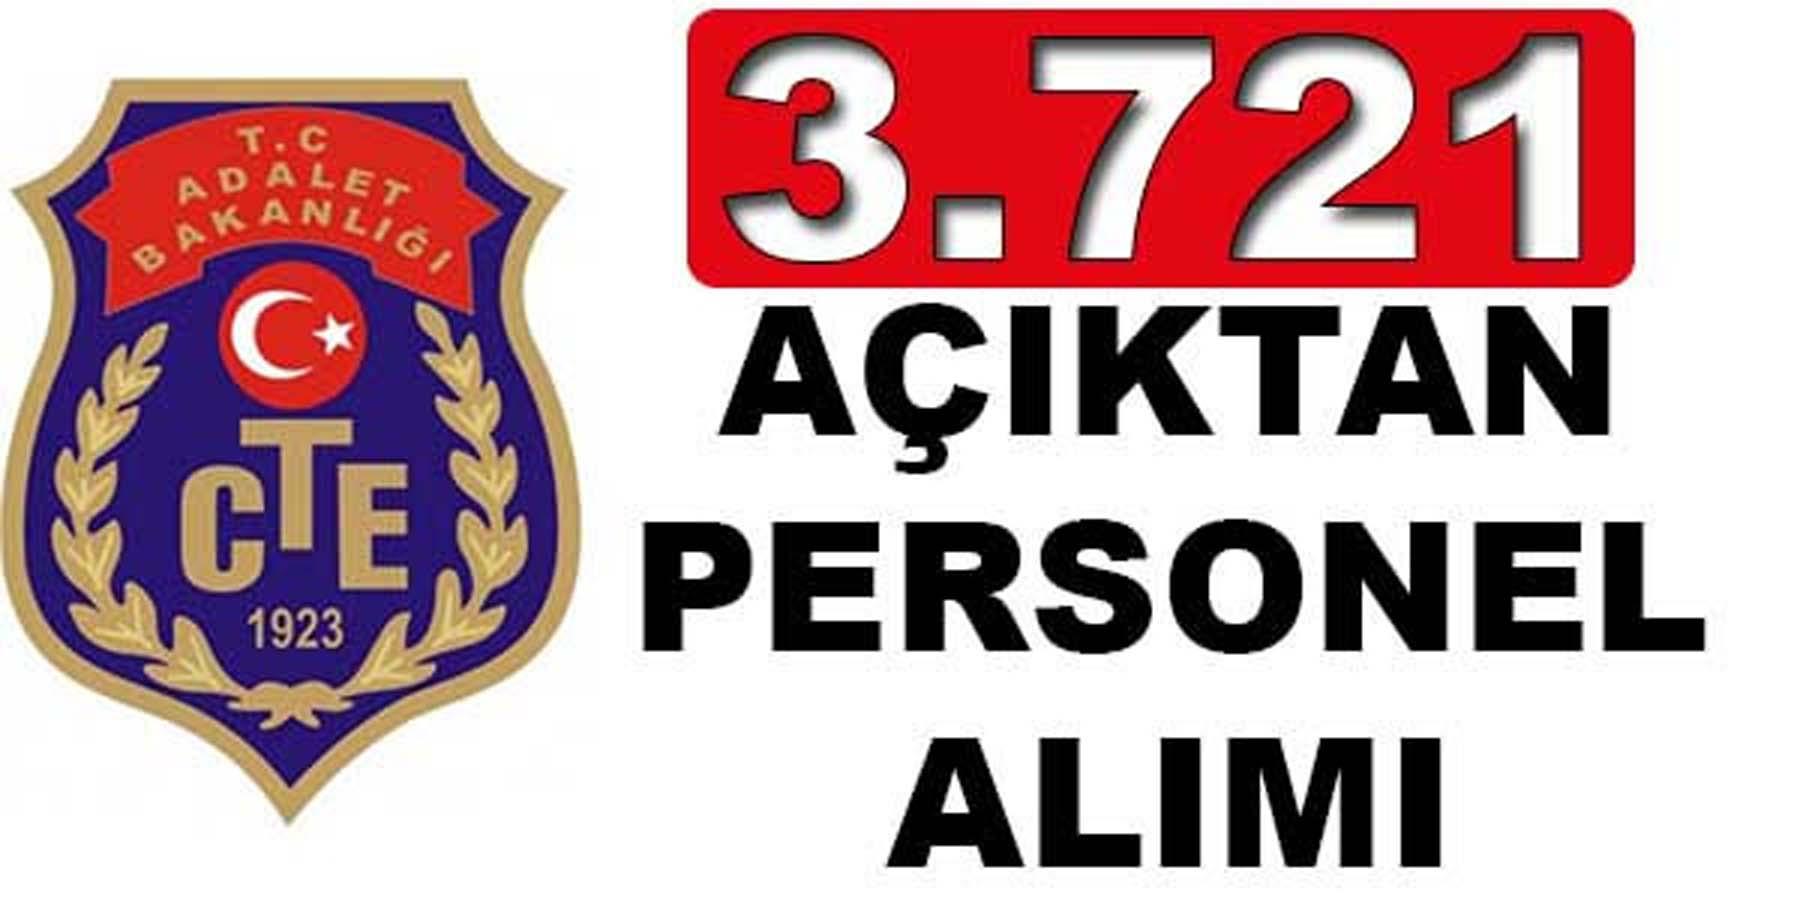 Adalet Bakanlığı CTE 3 Bin 721 Açıktan Personel Alımı